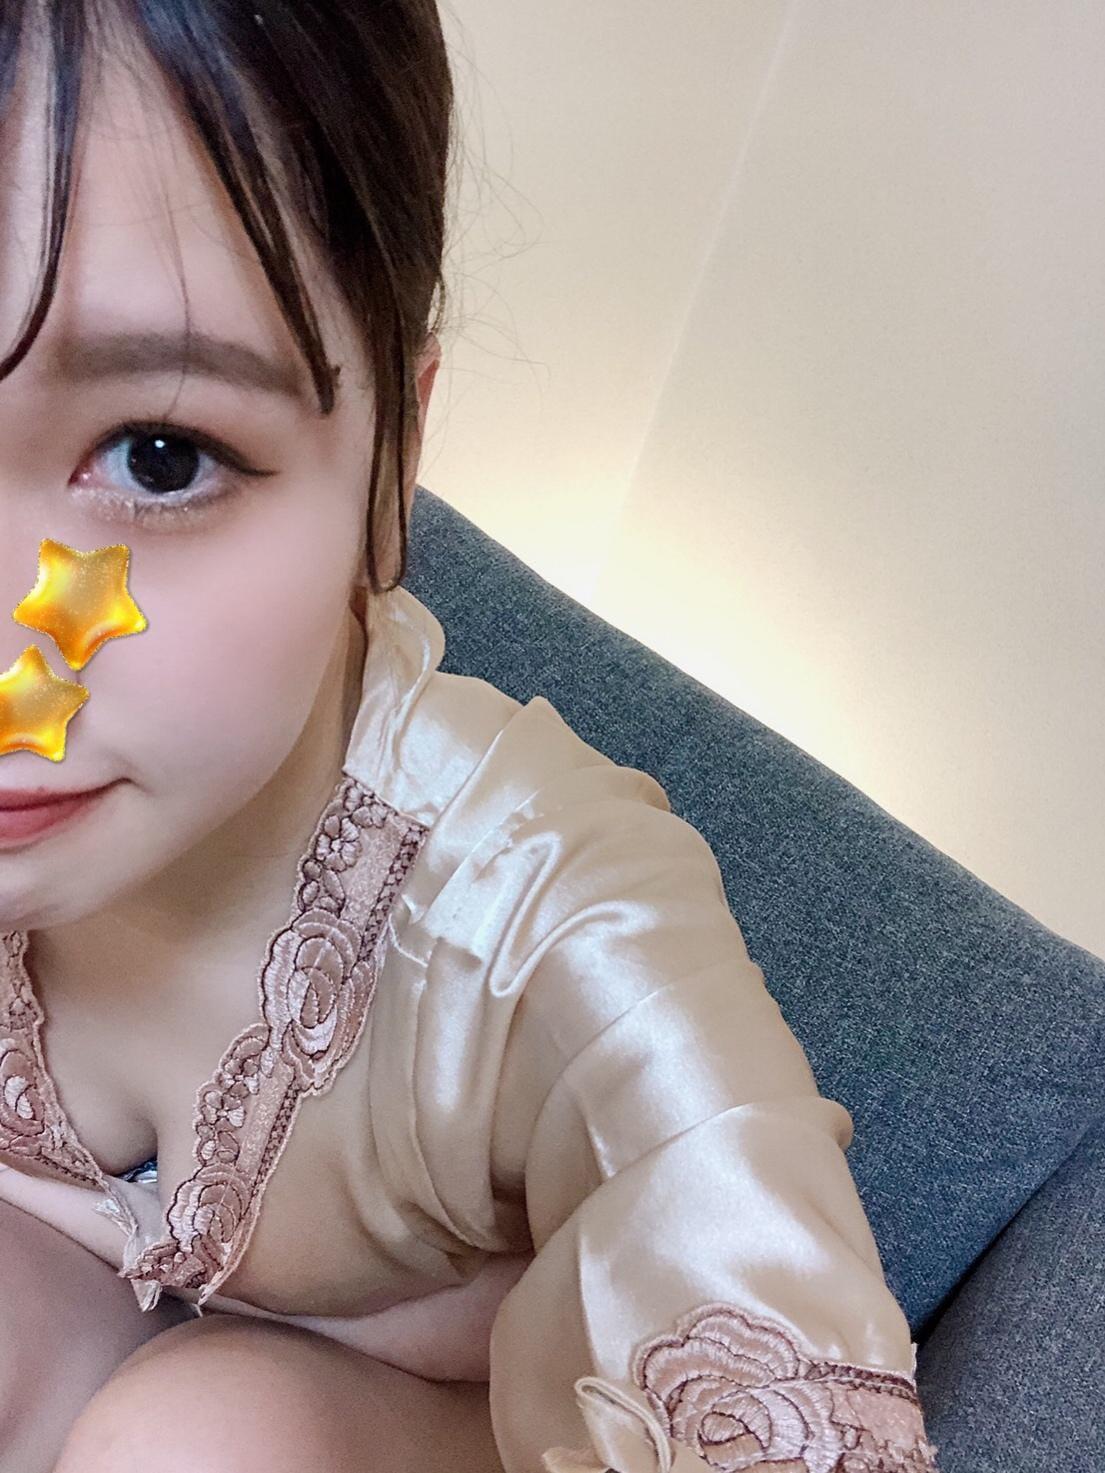 「今日も出勤してます♡」01/12(01/12) 18:06 | 楓の写メ・風俗動画